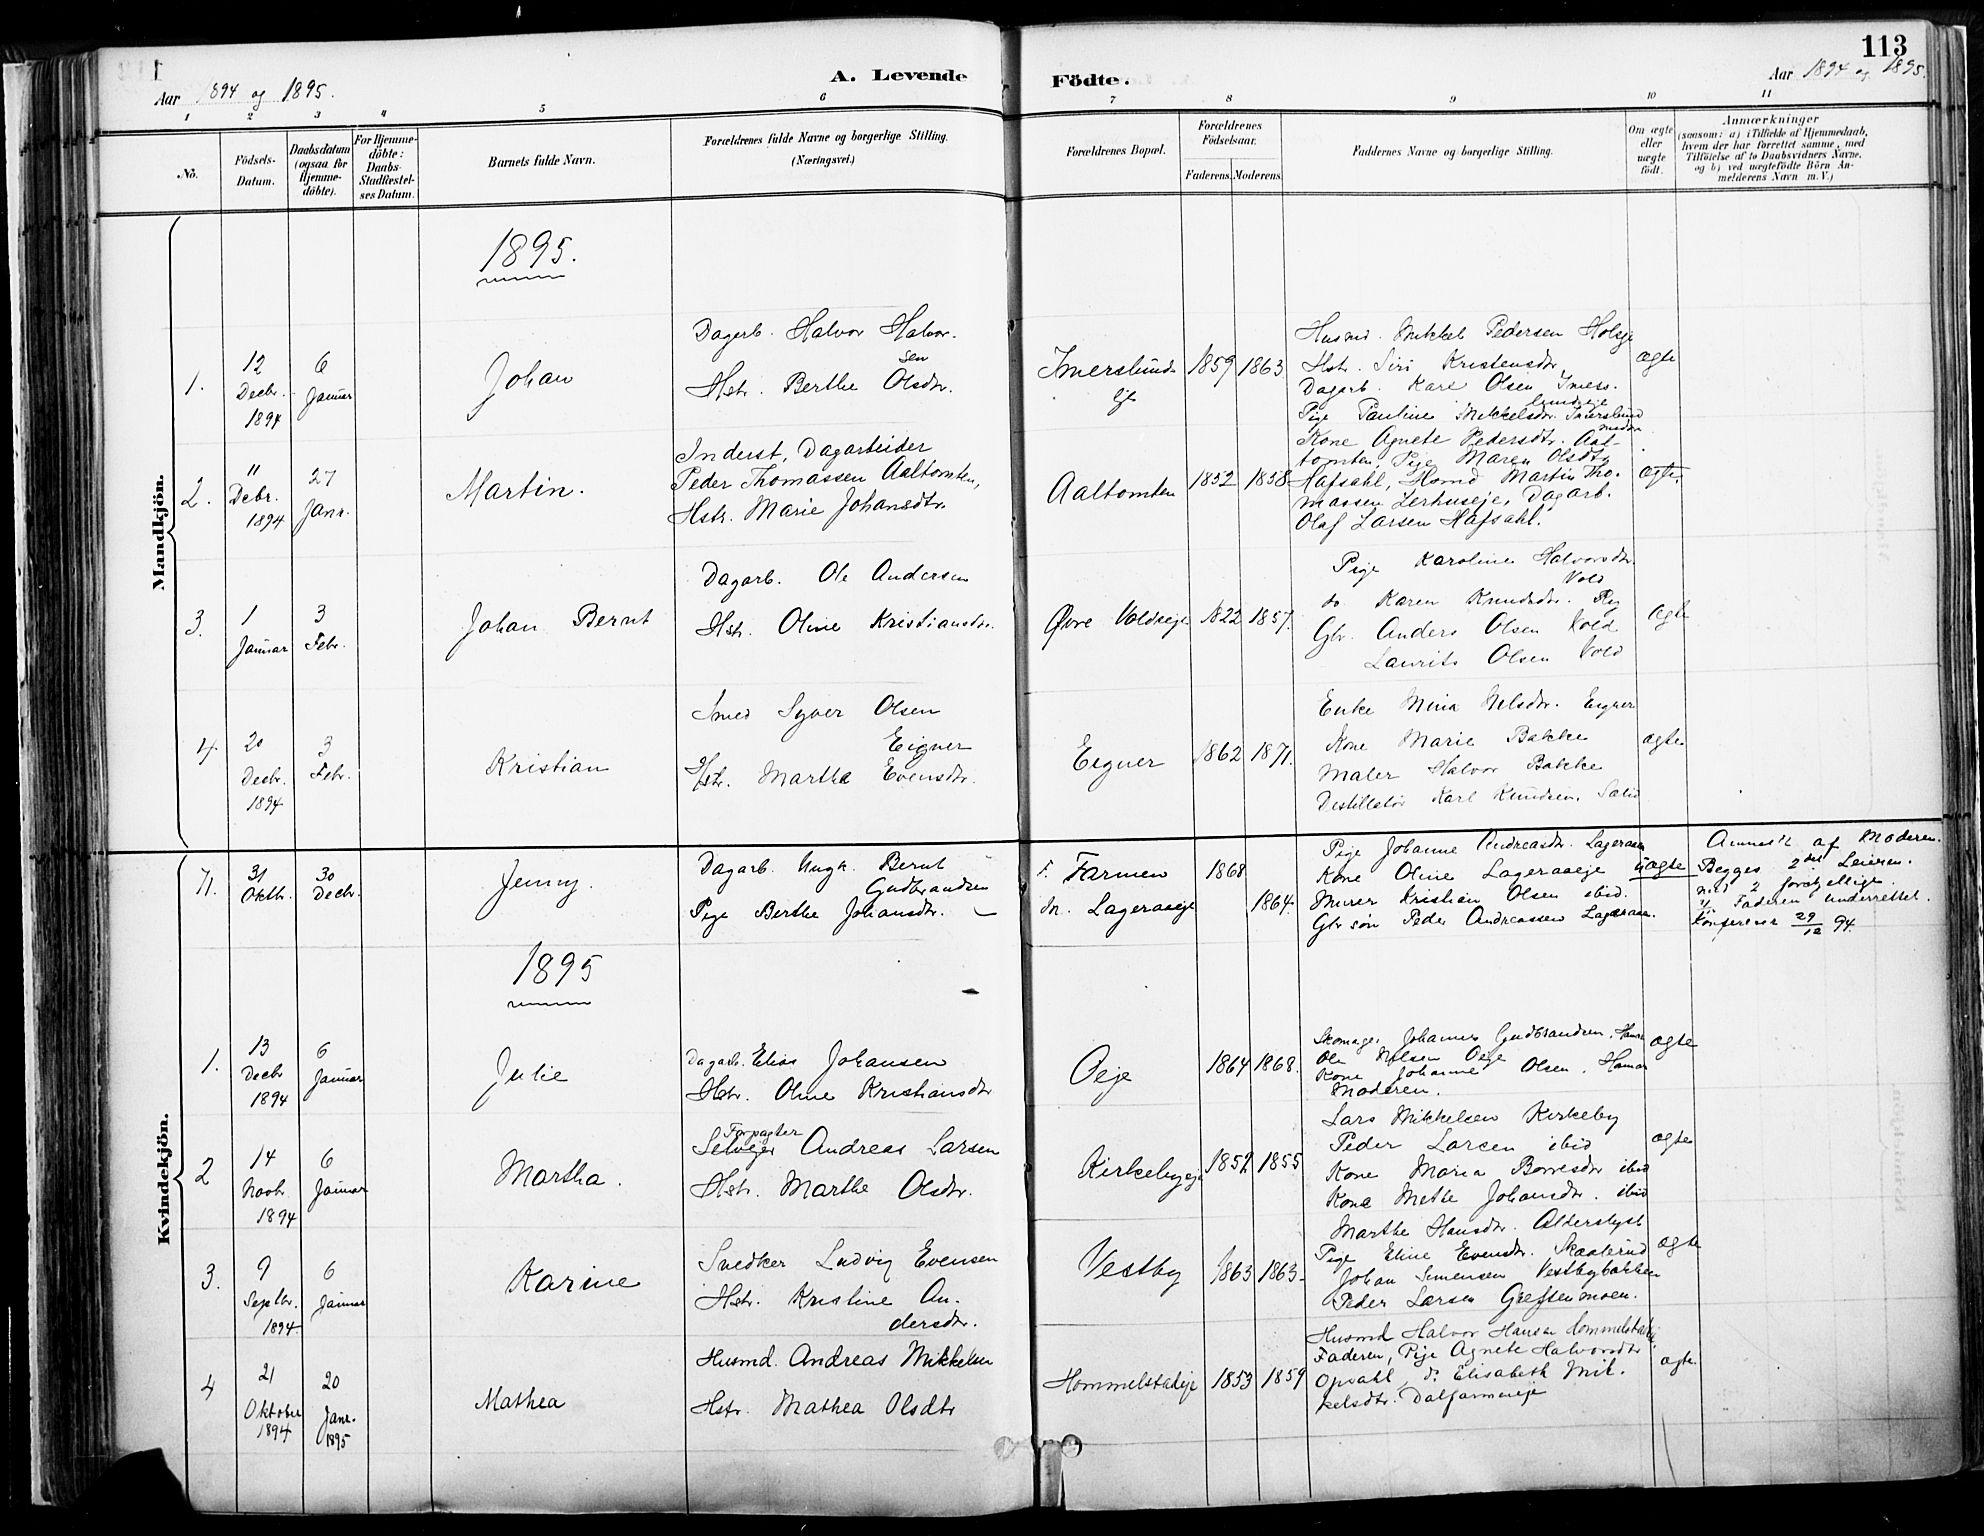 SAH, Vang prestekontor, Hedmark, H/Ha/Haa/L0019B: Ministerialbok nr. 19, 1886-1900, s. 113